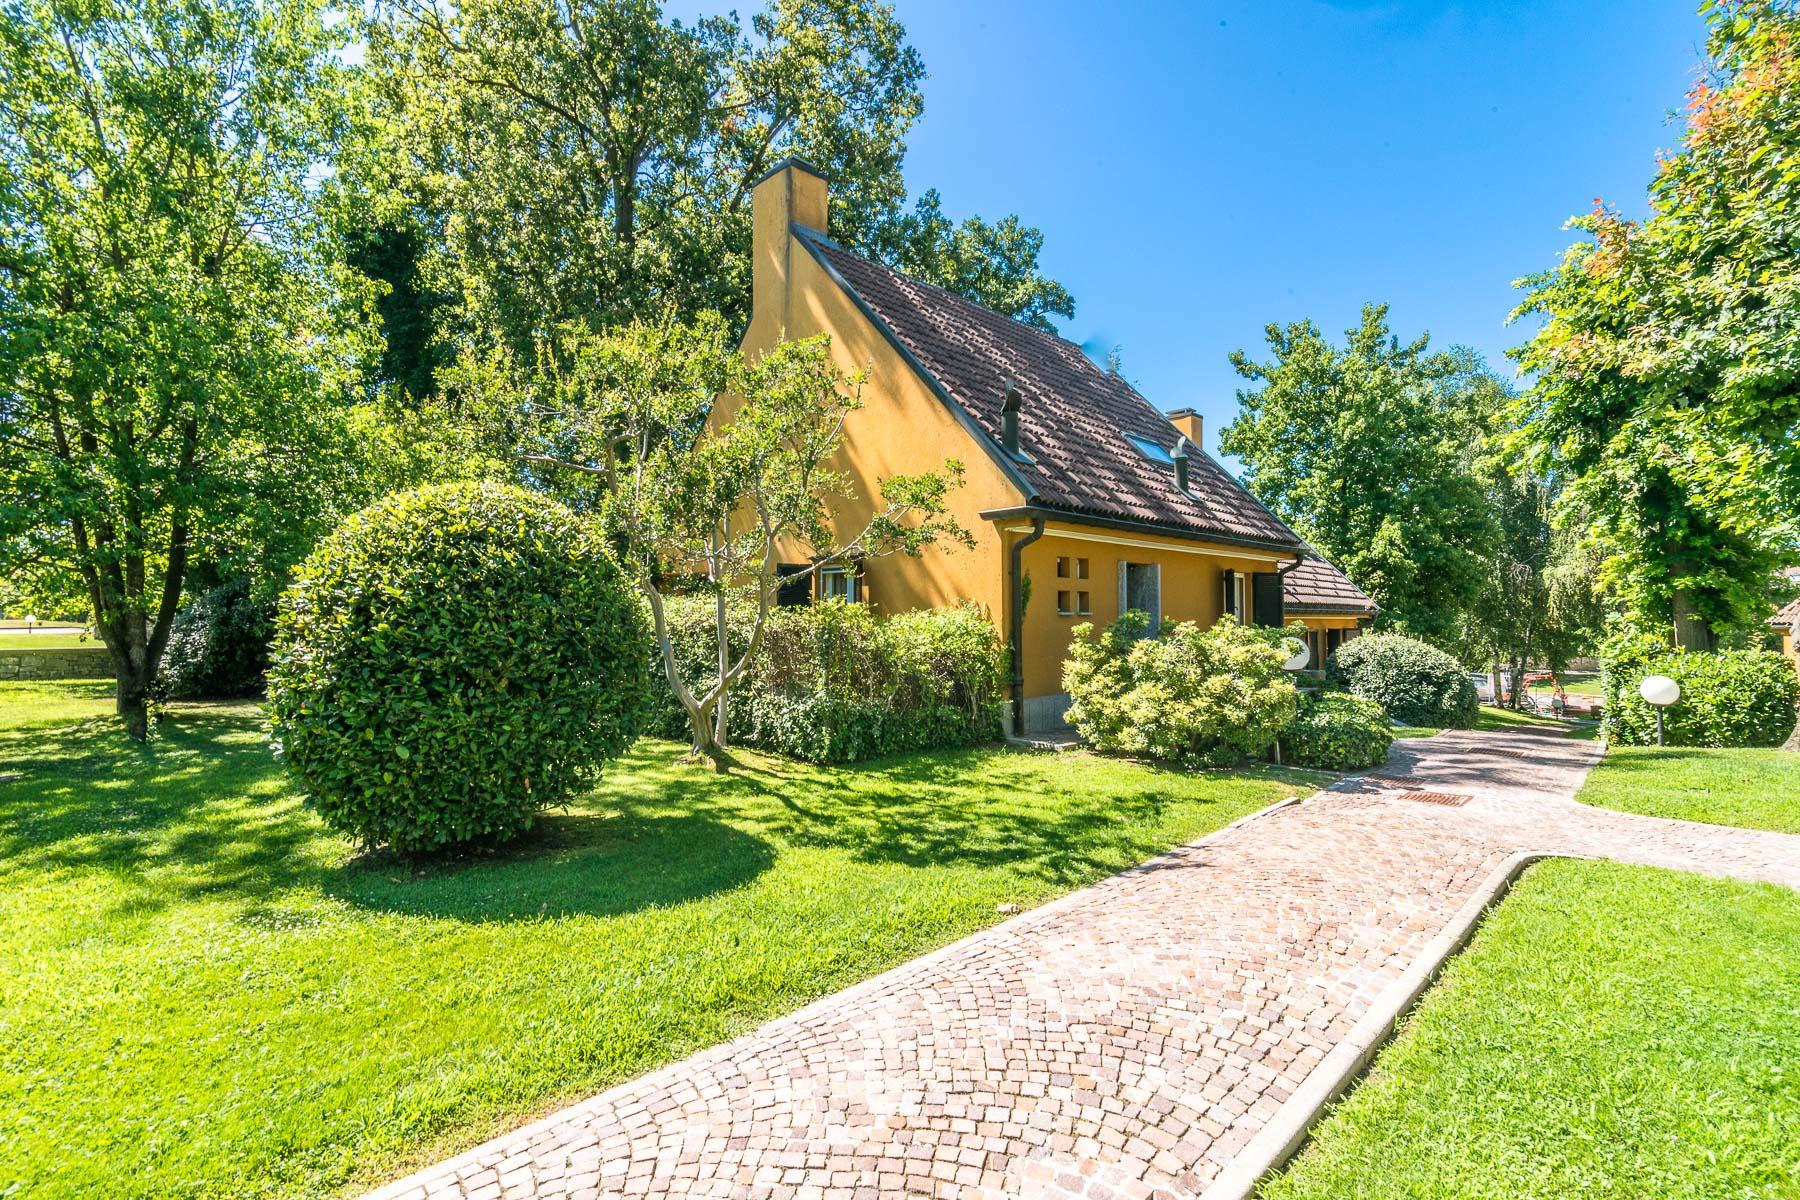 Villa in Vendita a Agrate Conturbia: 5 locali, 324 mq - Foto 3